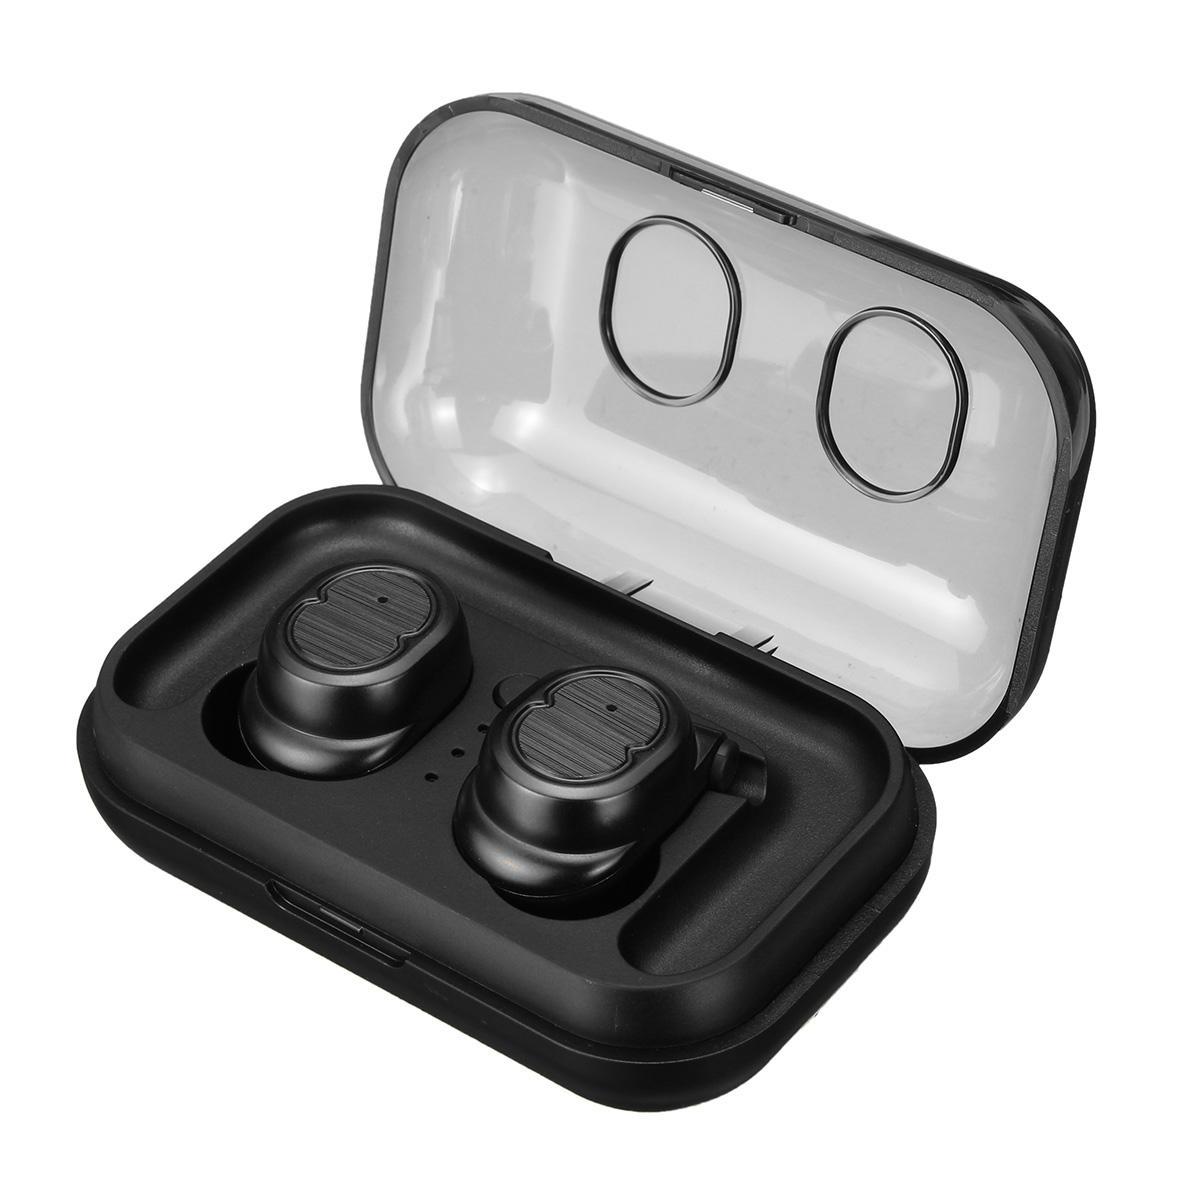 [Bluetooth 5.0] True Wireless Sport Örhängen HiFi Stereo Hörlurar Touch Control Auto Parning Hörlurar med Mic